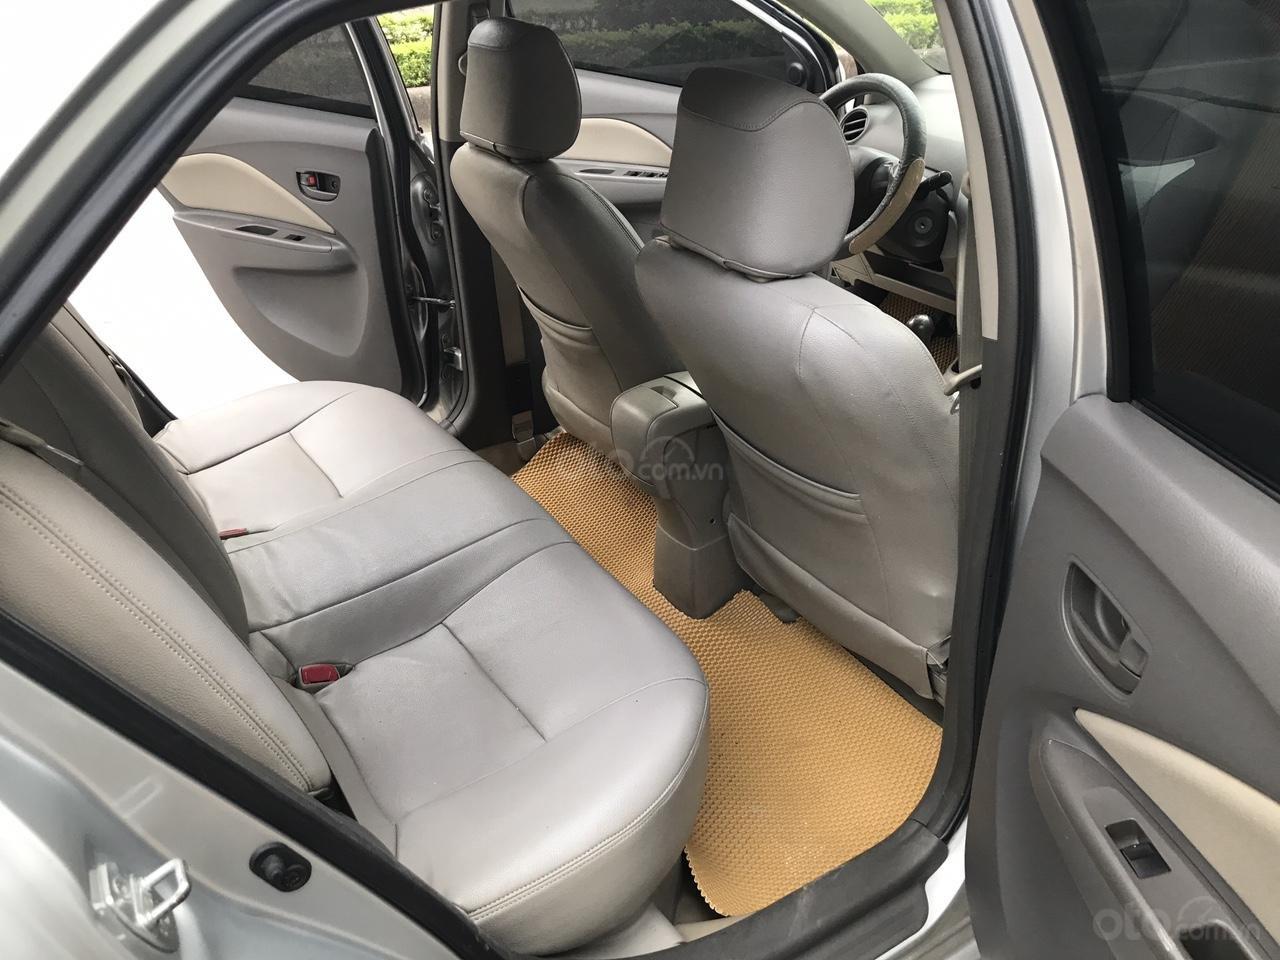 Bán Toyota Vios 1.5 E đời 2013, màu bạc, 380 triệu. Nói không với Limo taxi-22